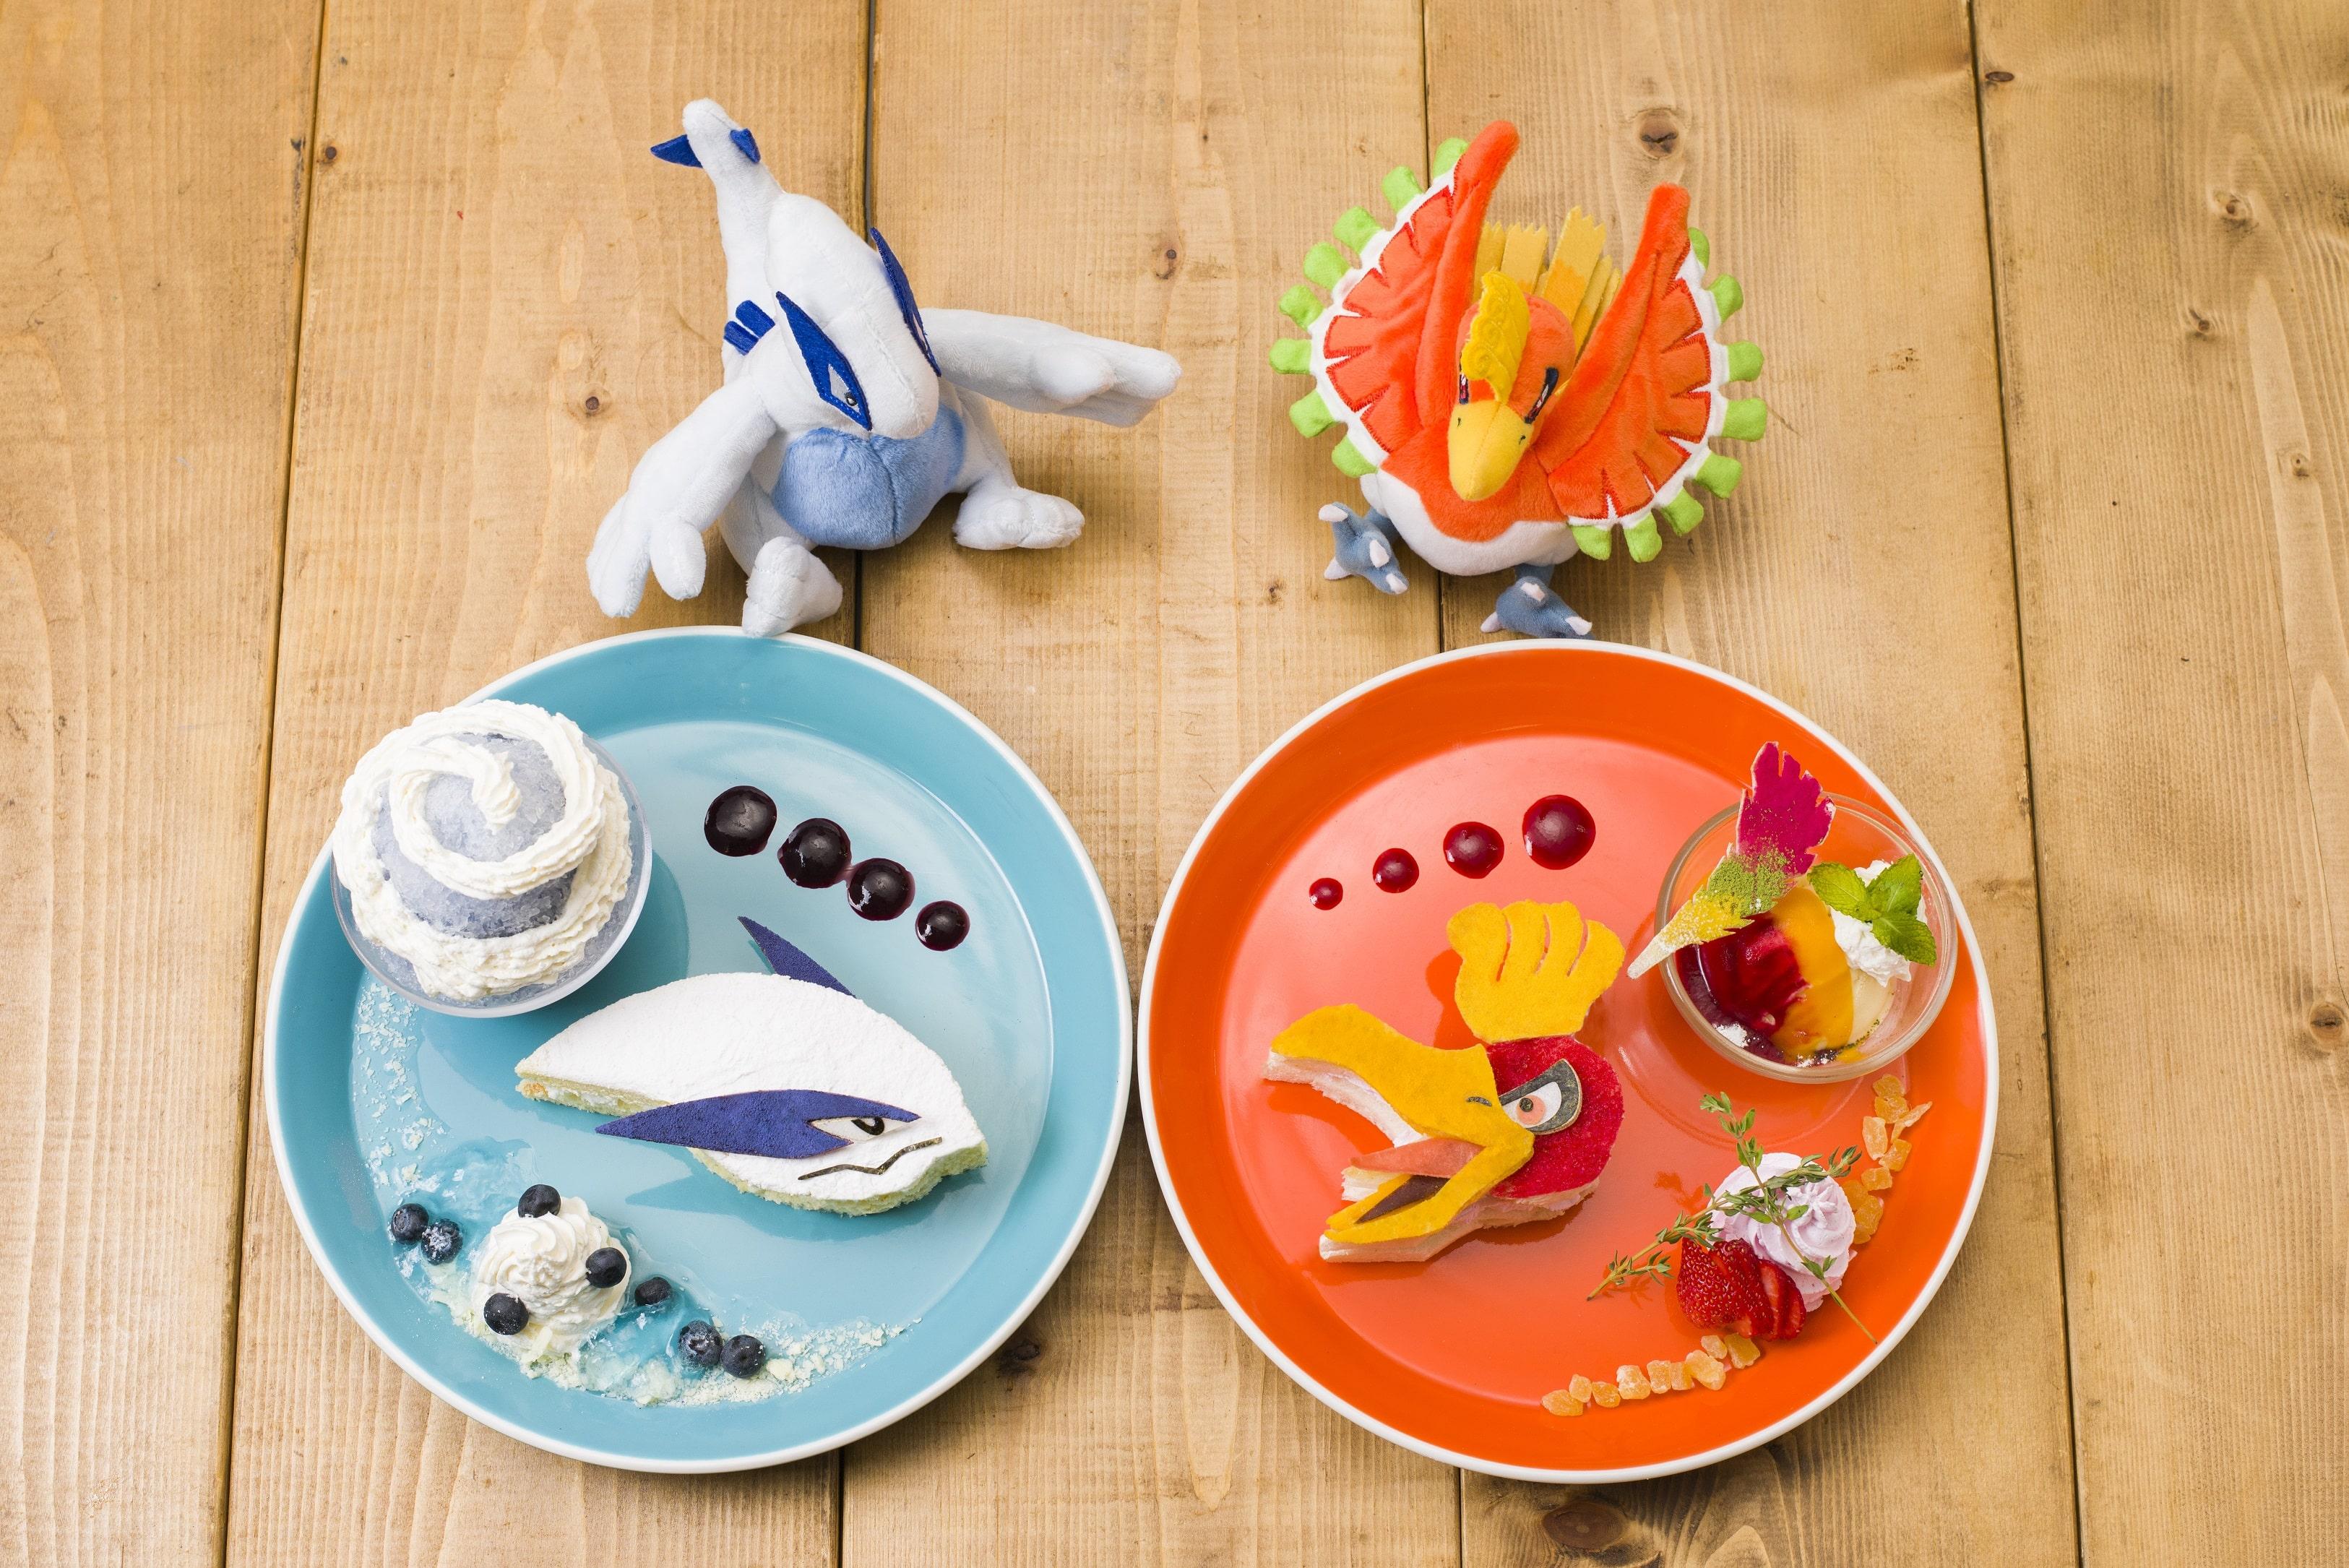 main ポケモンカフェ pokemon cafe ポケットモンスター 金・銀 poket monster gold silver 新メニュー new menu ルギア lugia ホウオウ houou-min